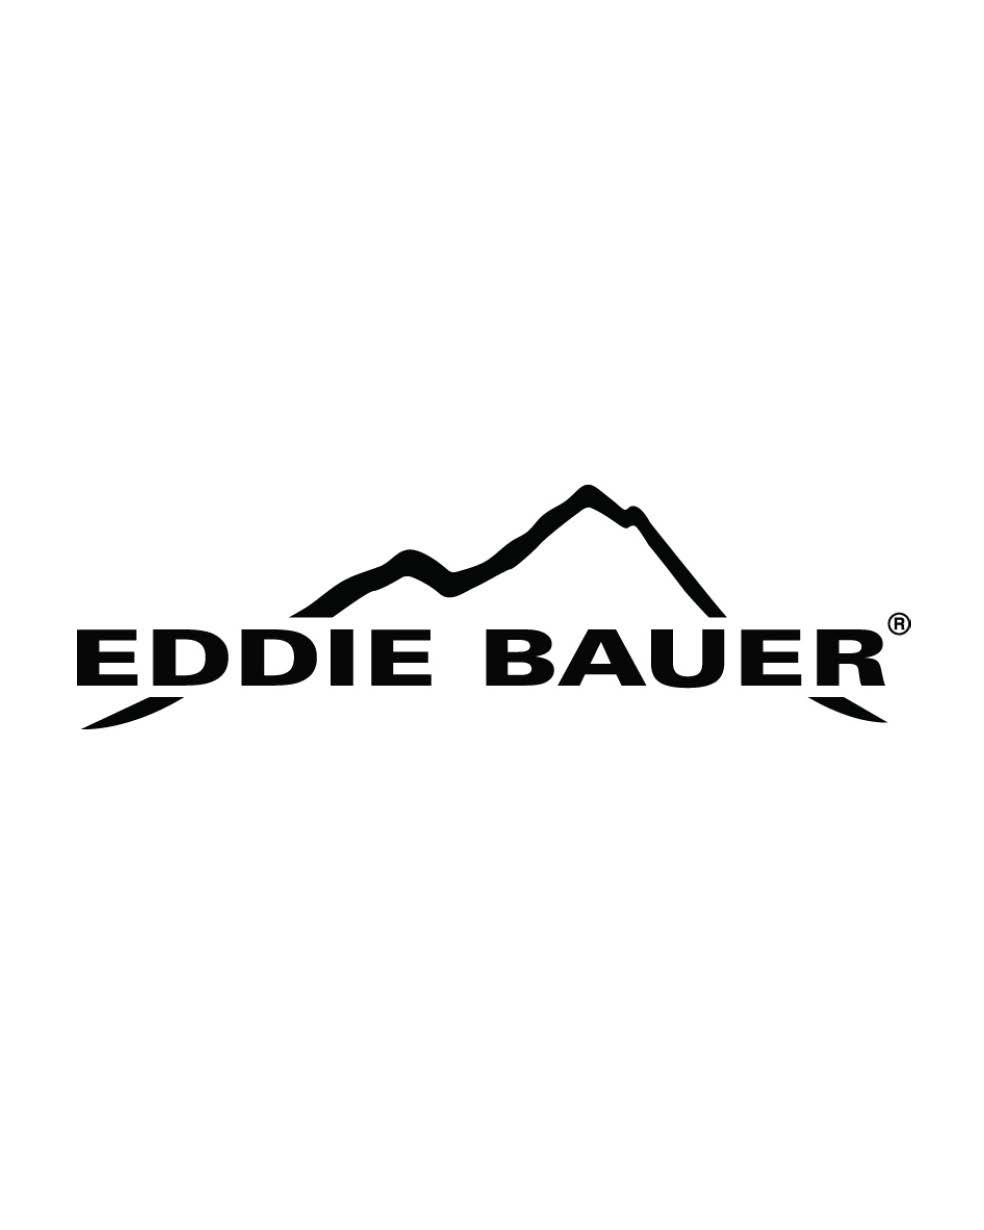 Promo Logos - Eddie Bauer.jpg